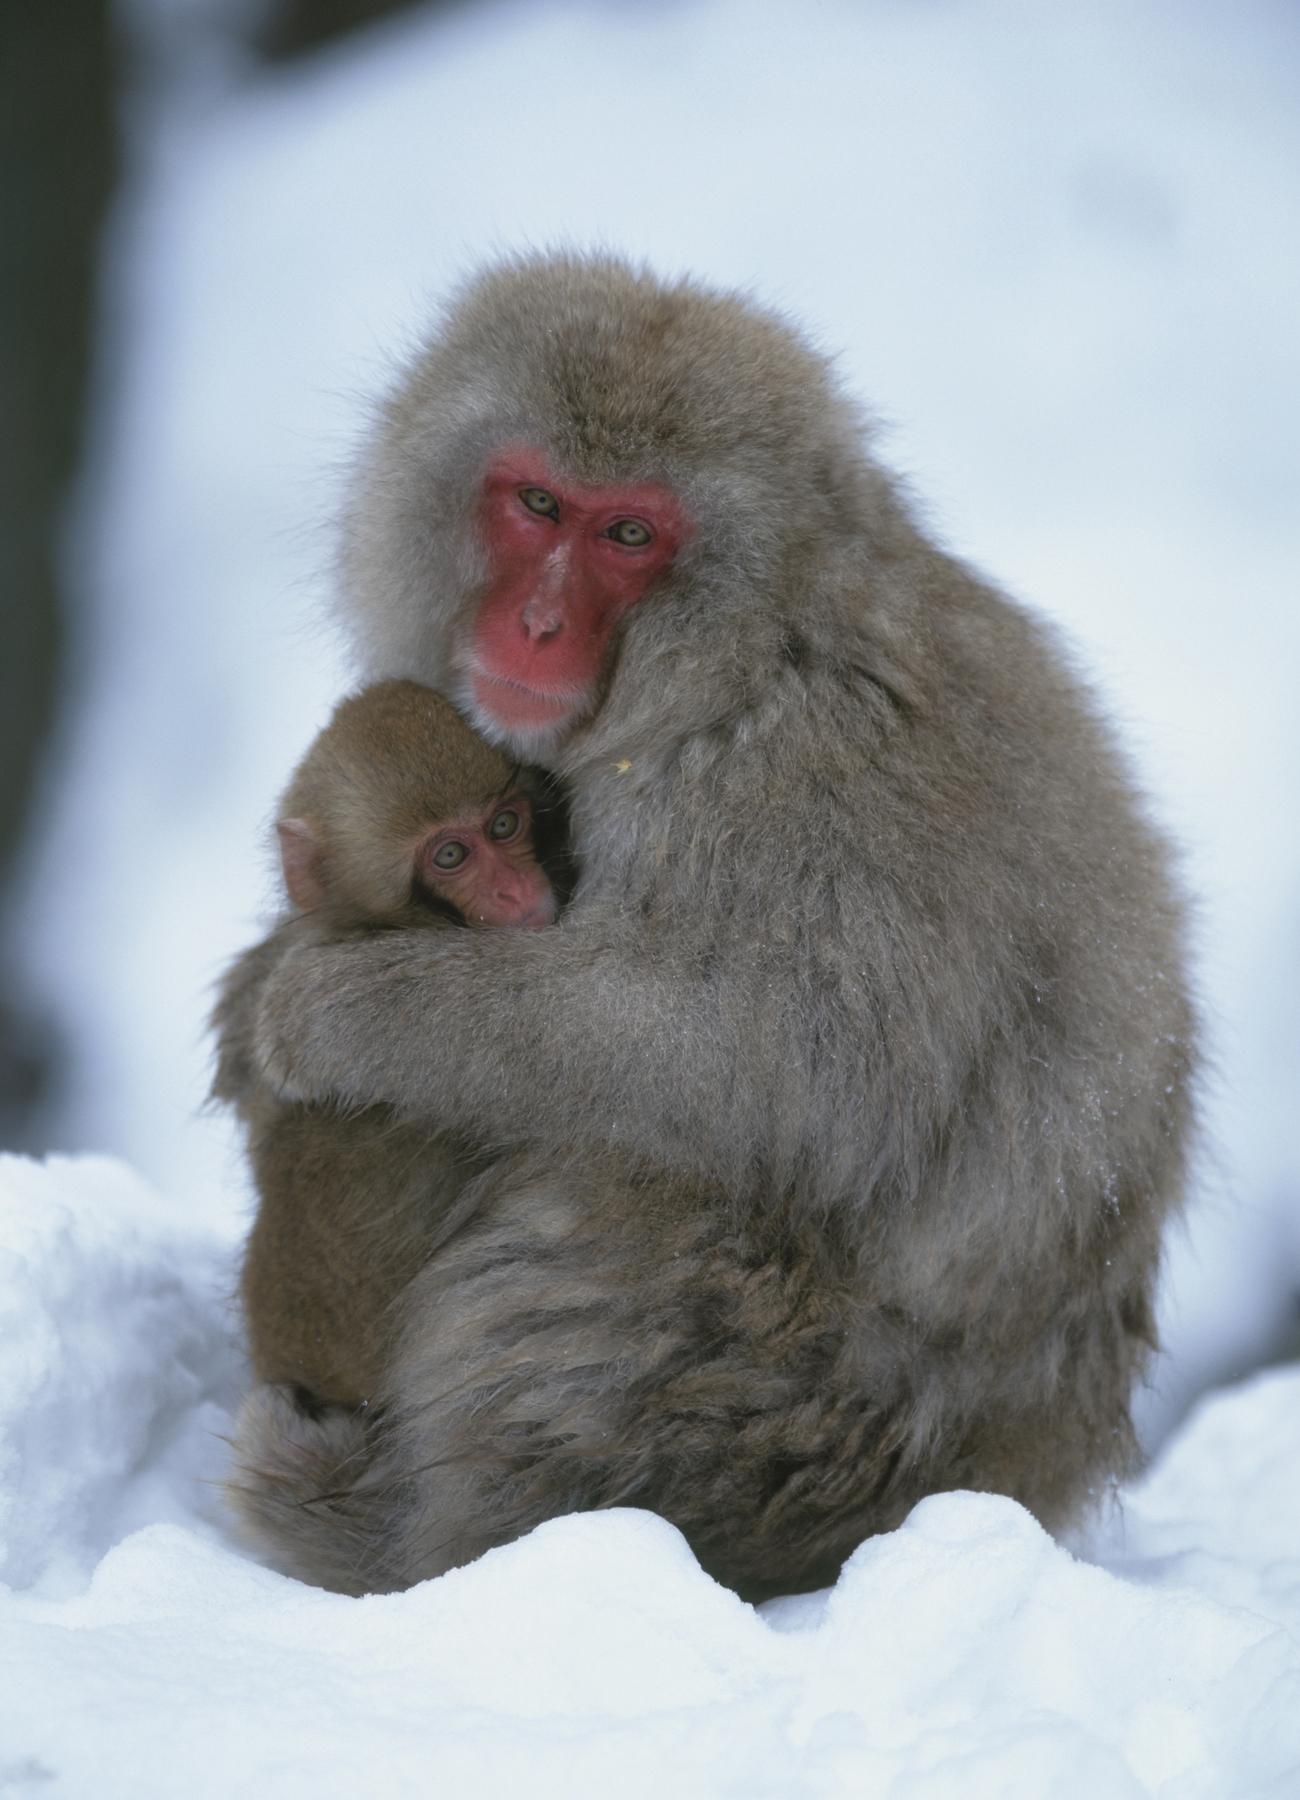 Μαϊμού αγκαλιά με το μαϊμουδάκι της στο Πάρκο Μαϊμούδων Jigokudani, Ιαπωνία